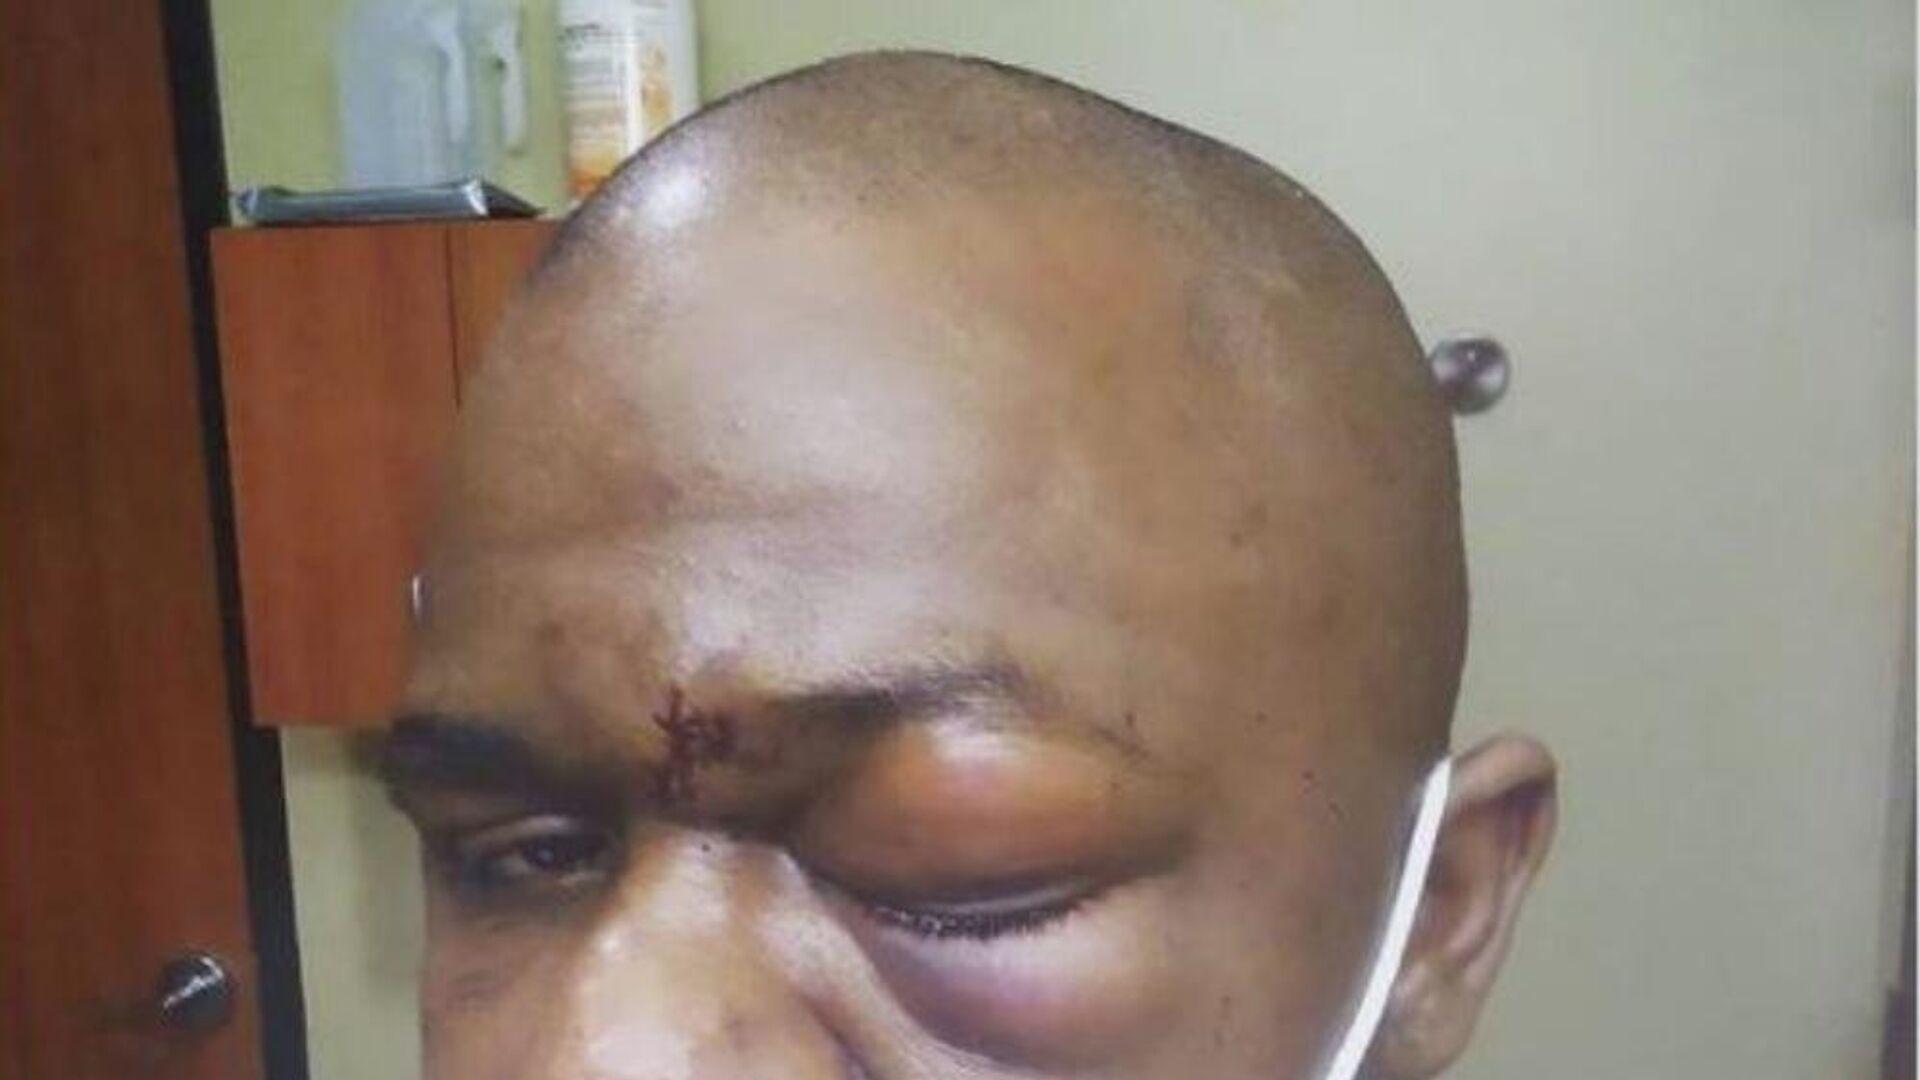 Σοβαρός τραυματισμός πυγμάχου στο μάτι - Sputnik Ελλάδα, 1920, 11.10.2021